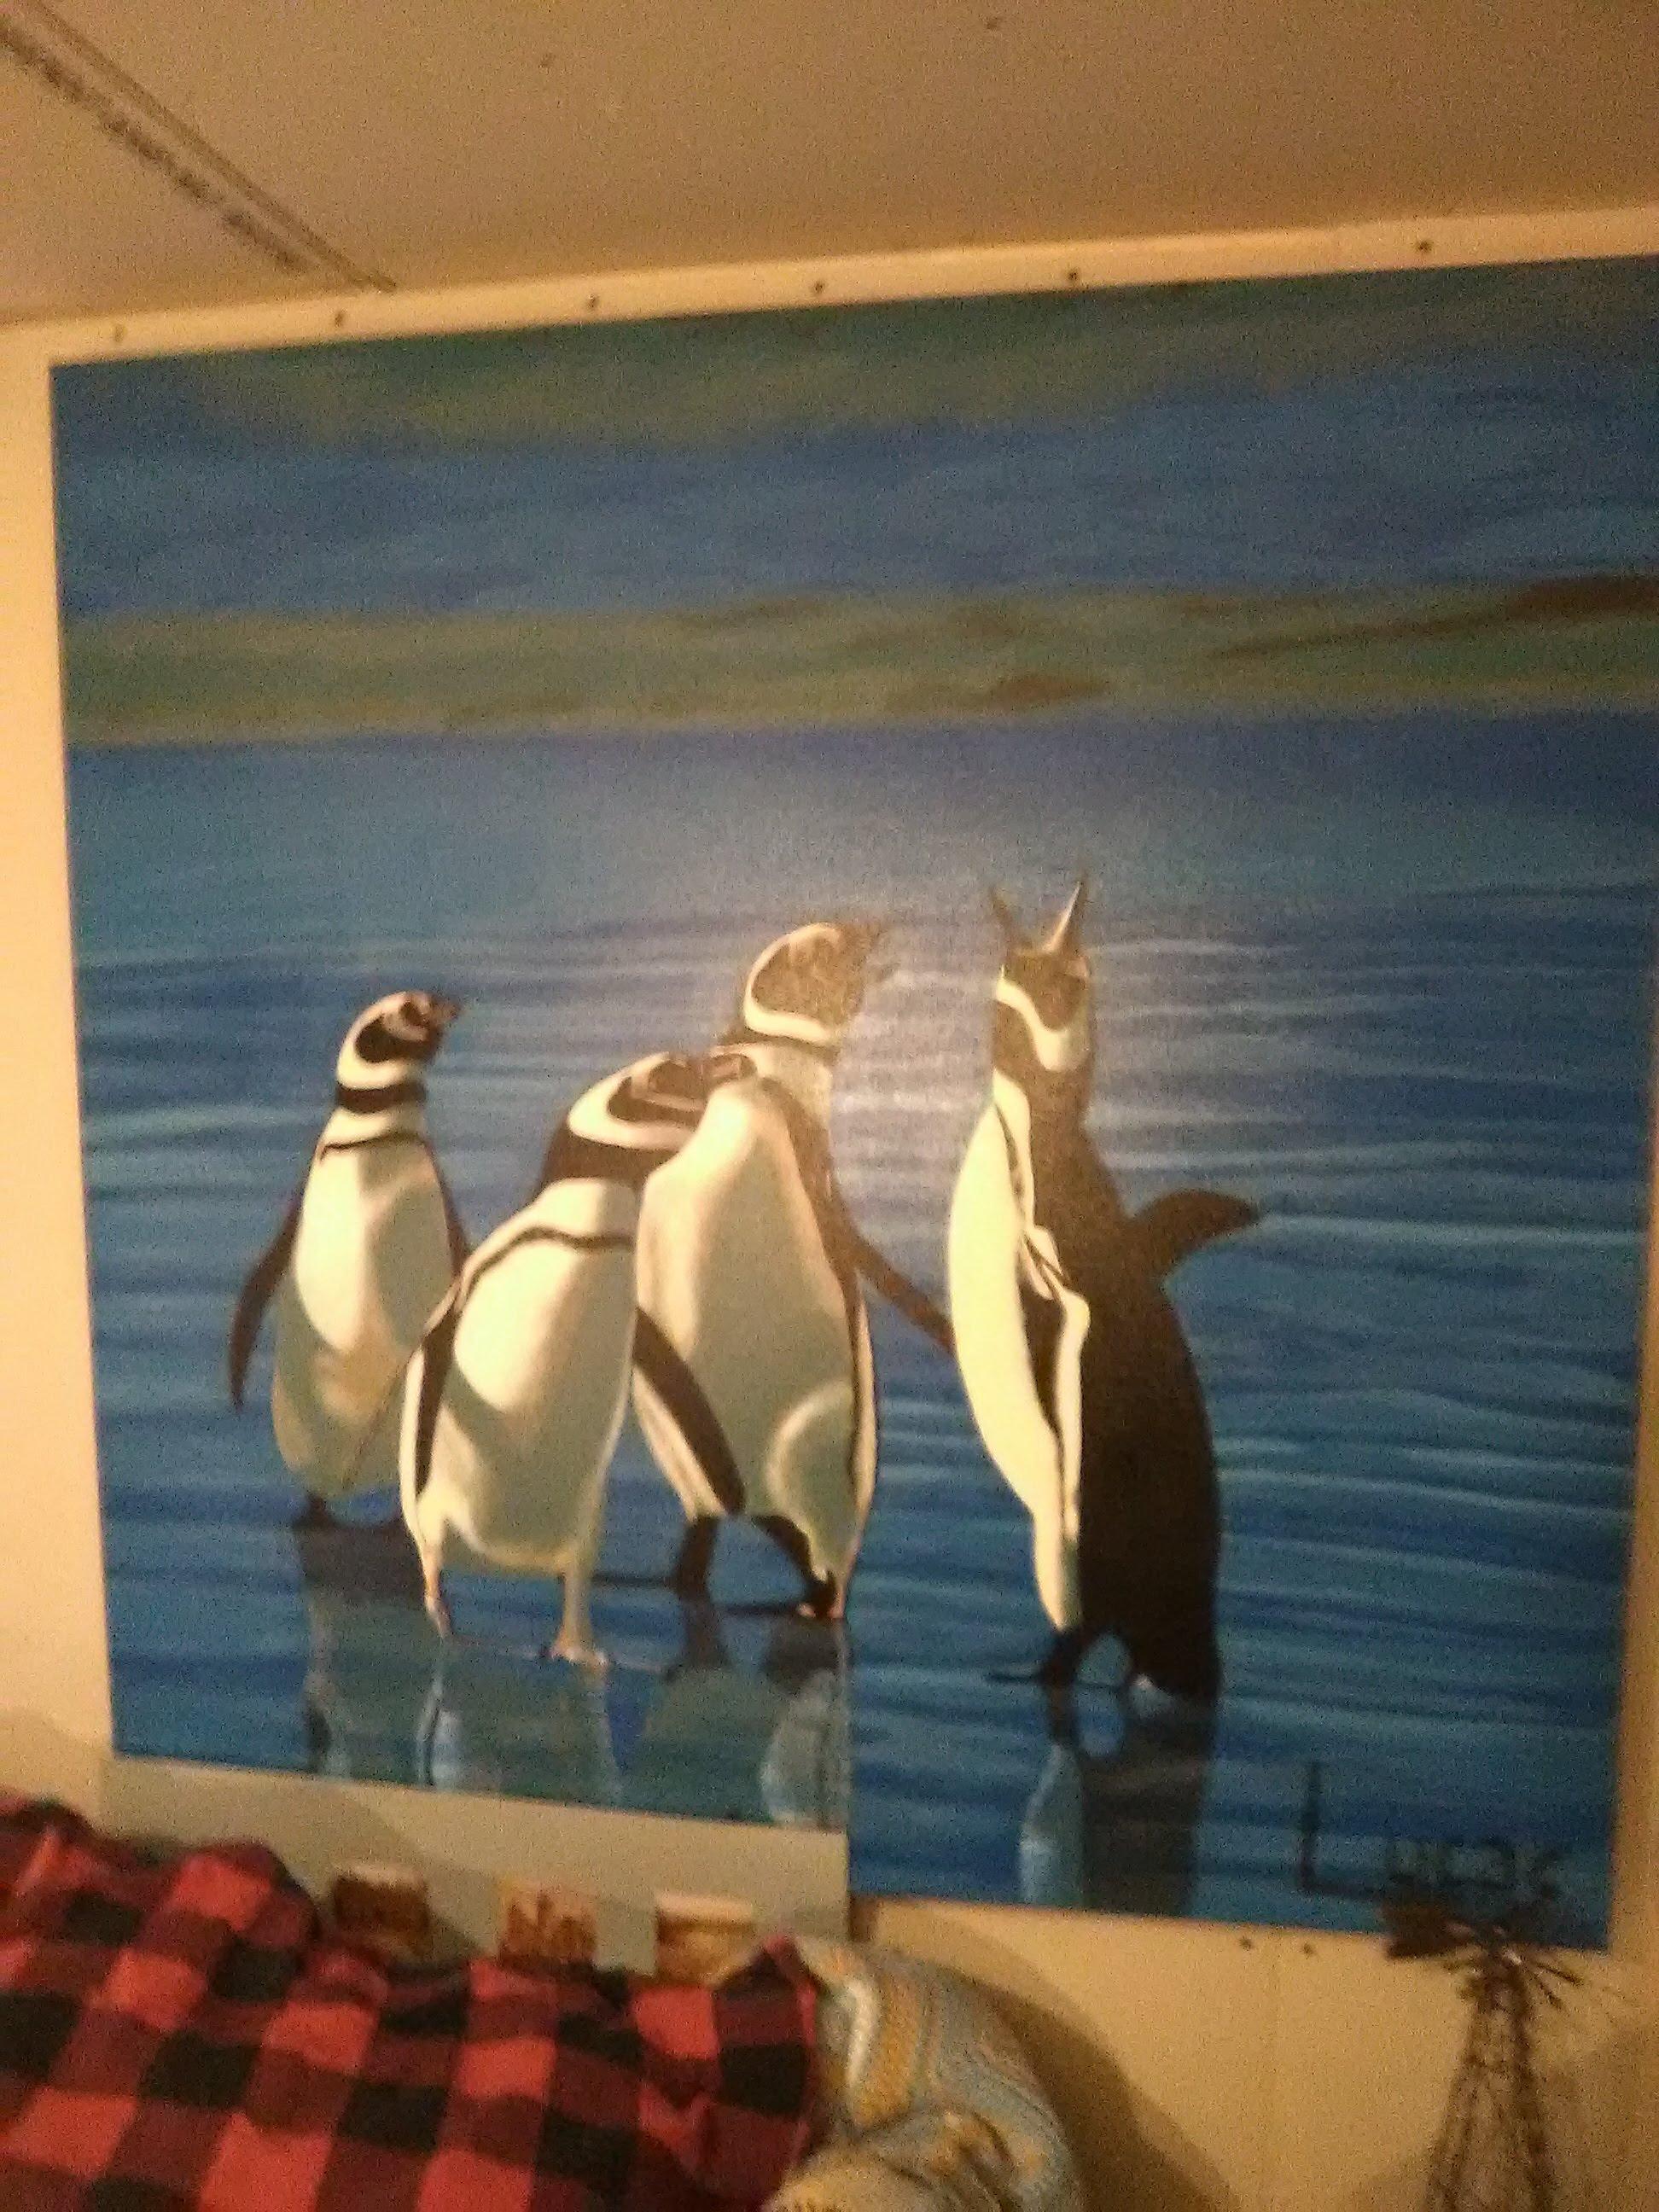 penguins frollicking